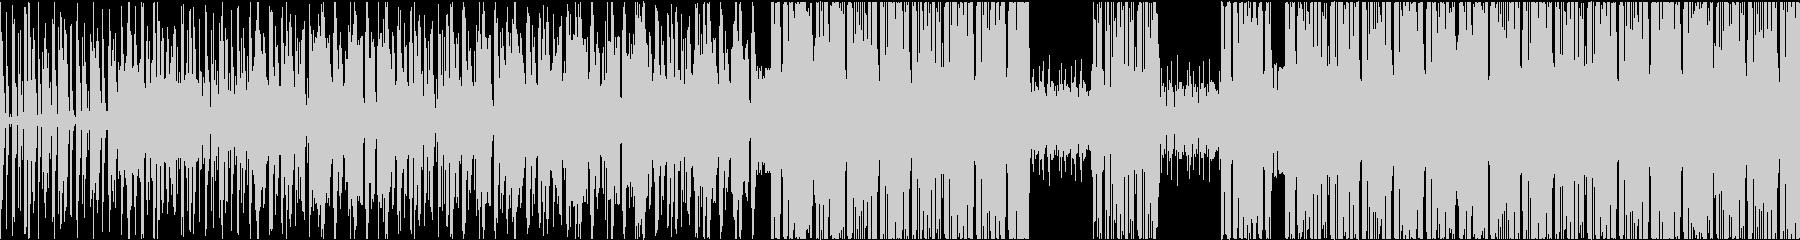 インパクト大のブレイクビーツの未再生の波形